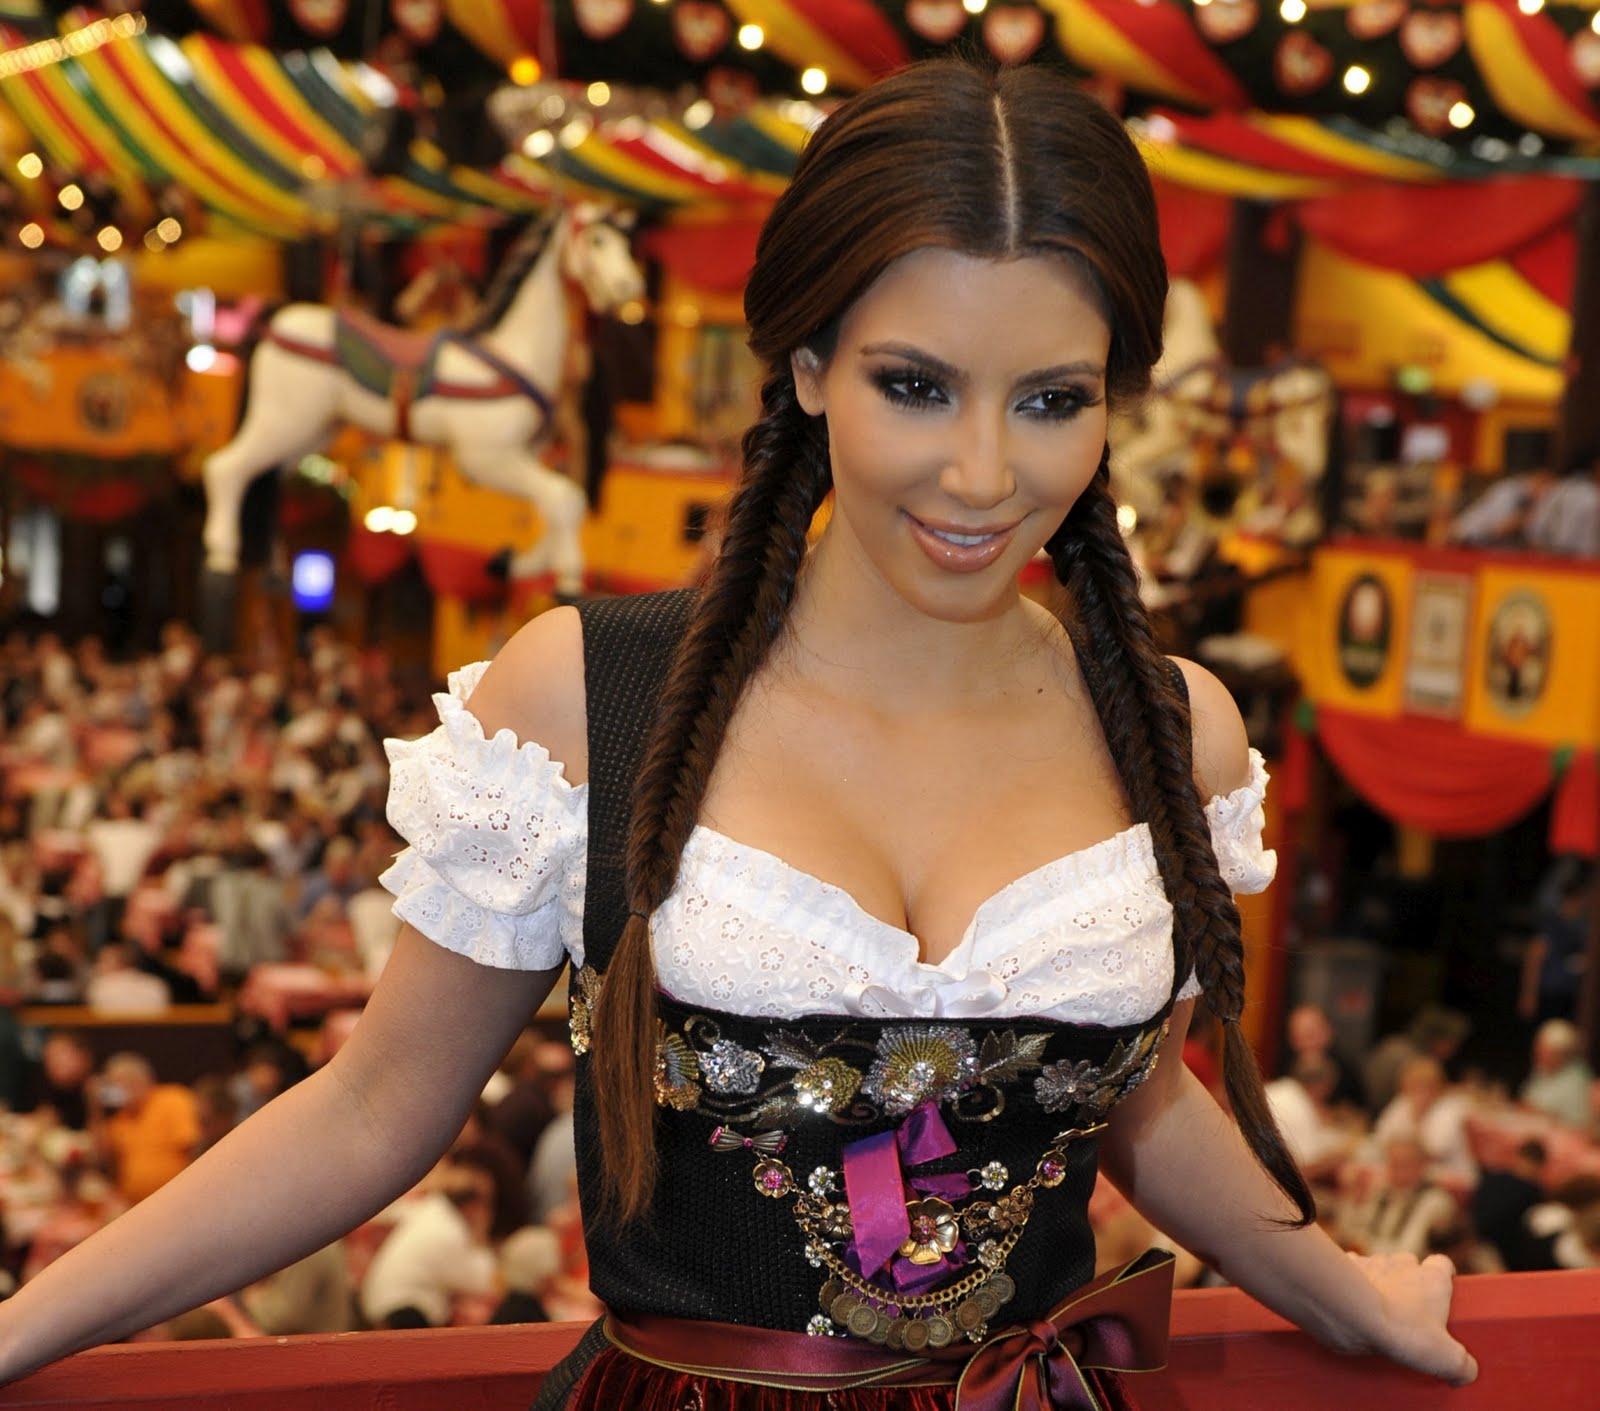 Wallpaper World Kim Kardashian At Oktoberfest In Munich -7937